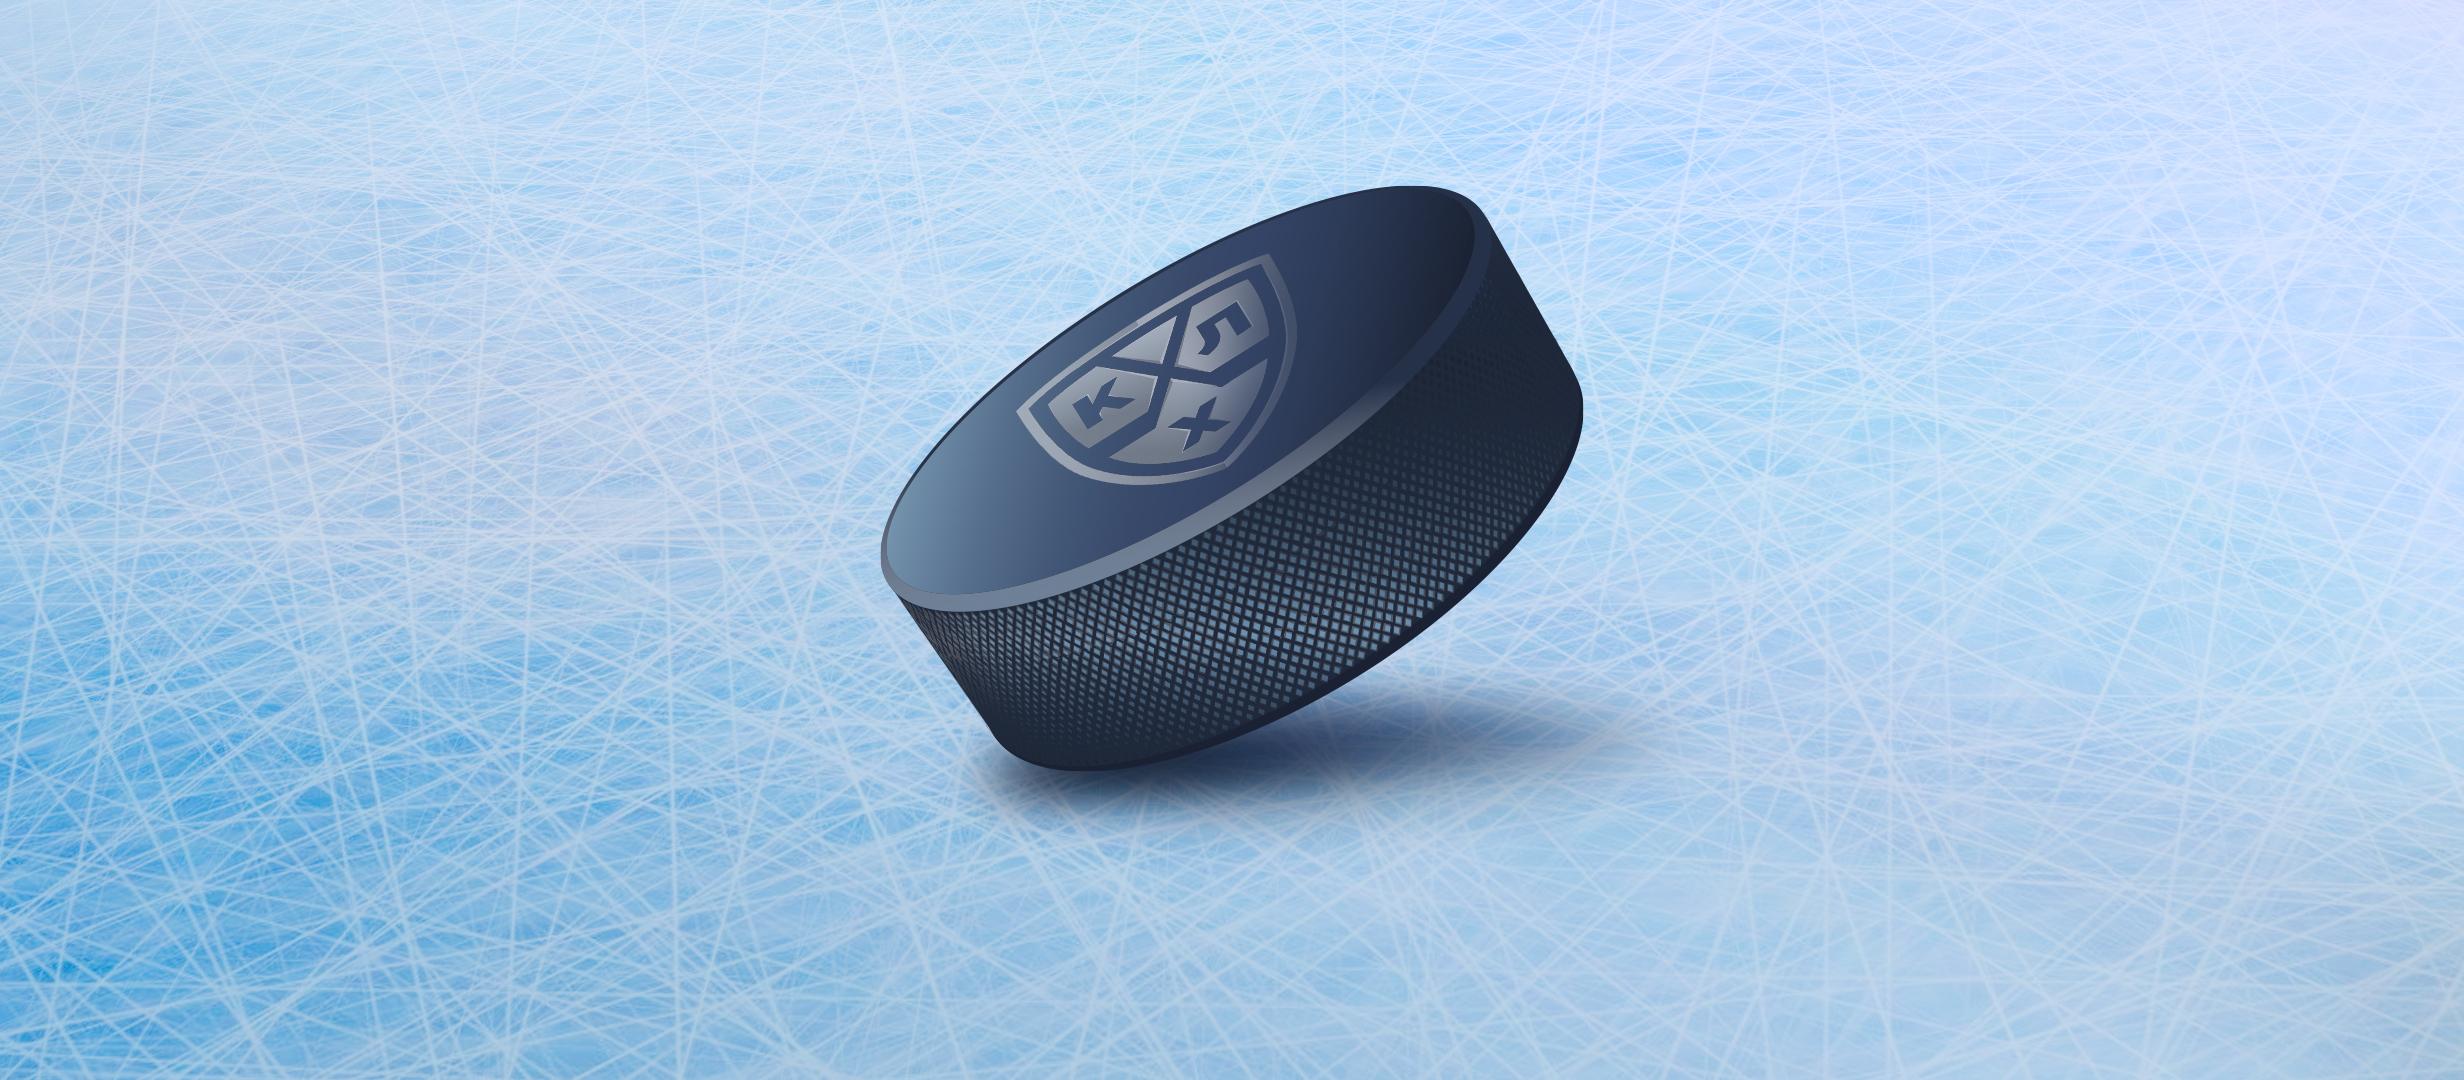 Линия на вбрасывания в КХЛ в начале сезона — сплошной валуй